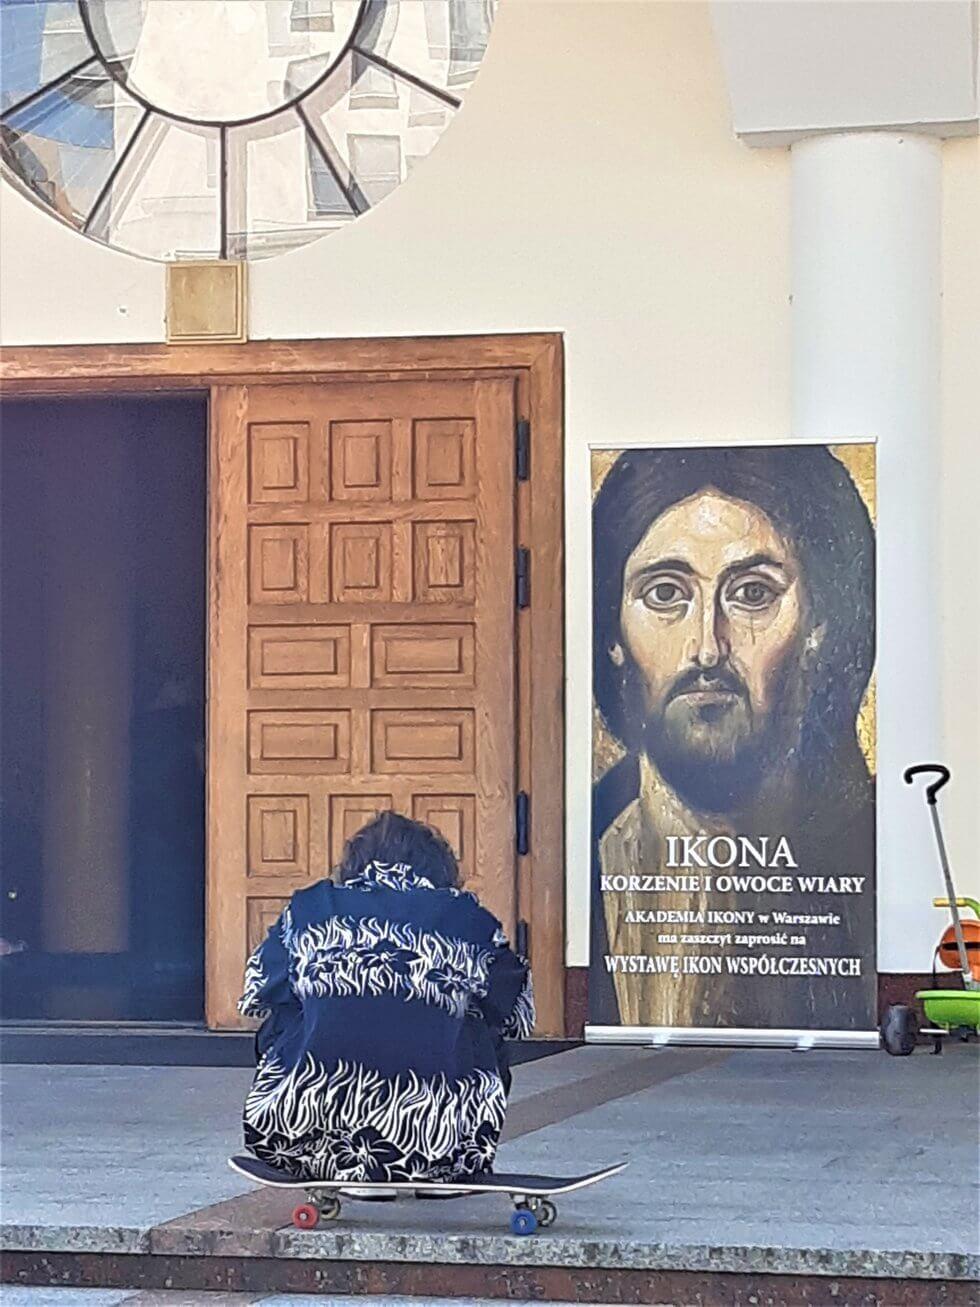 Akademia Ikony w Warszawie - wystawa ikon w kościele przy Bażantarni